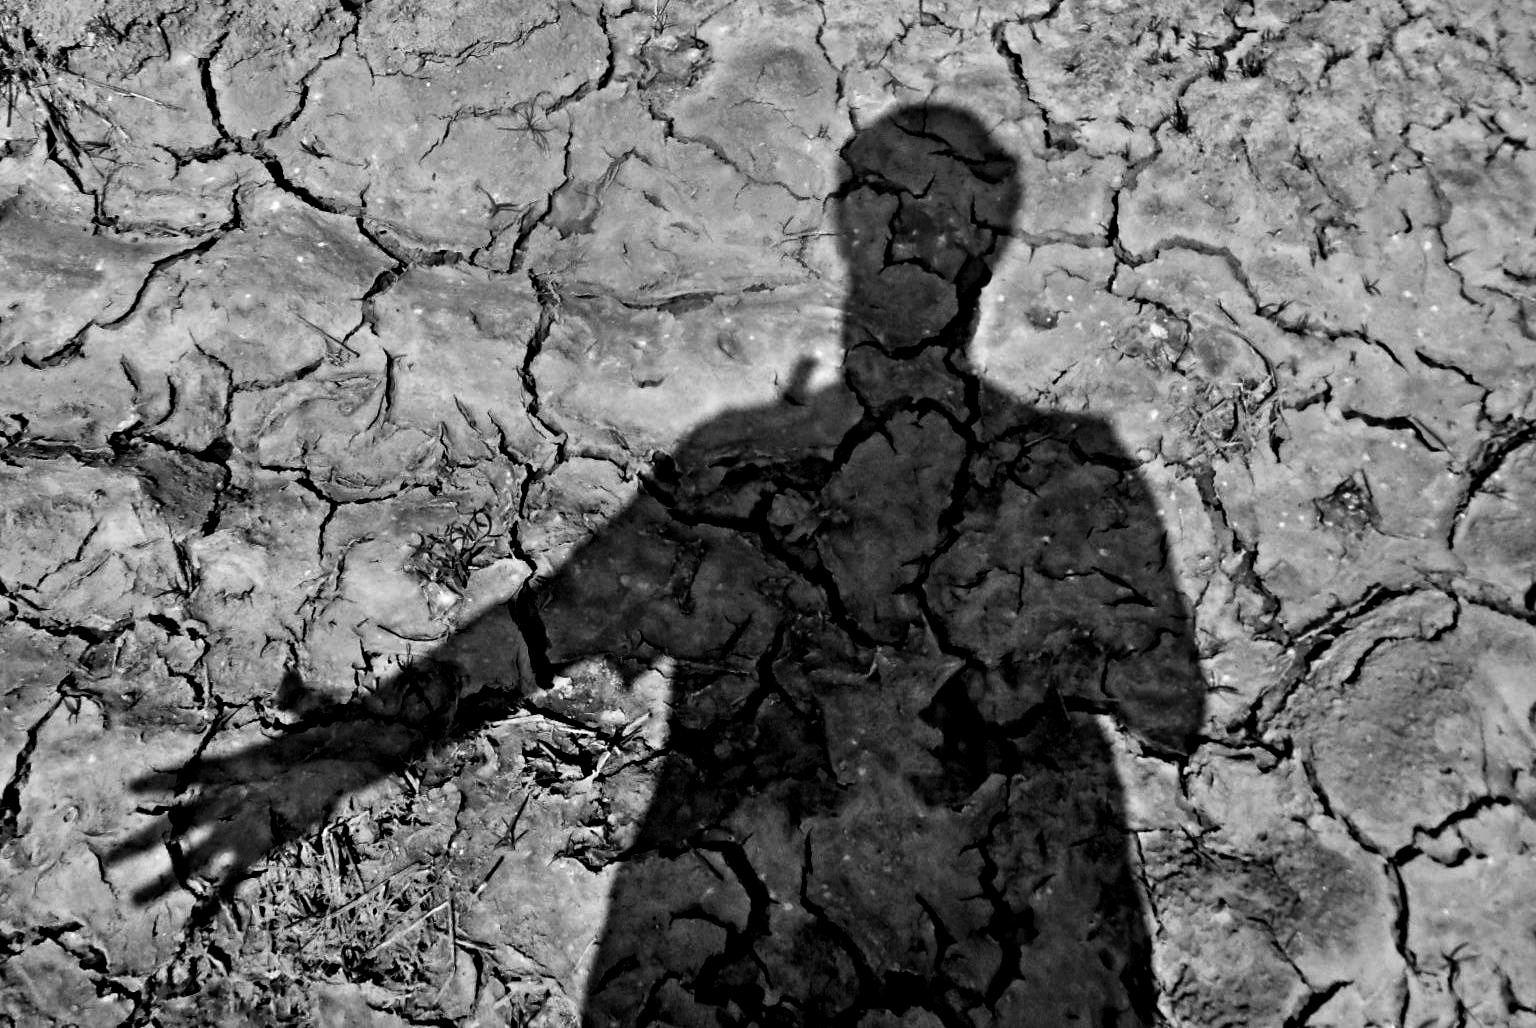 Sucho ovlivňuje množství i kvalitu vody (ilustrační foto)